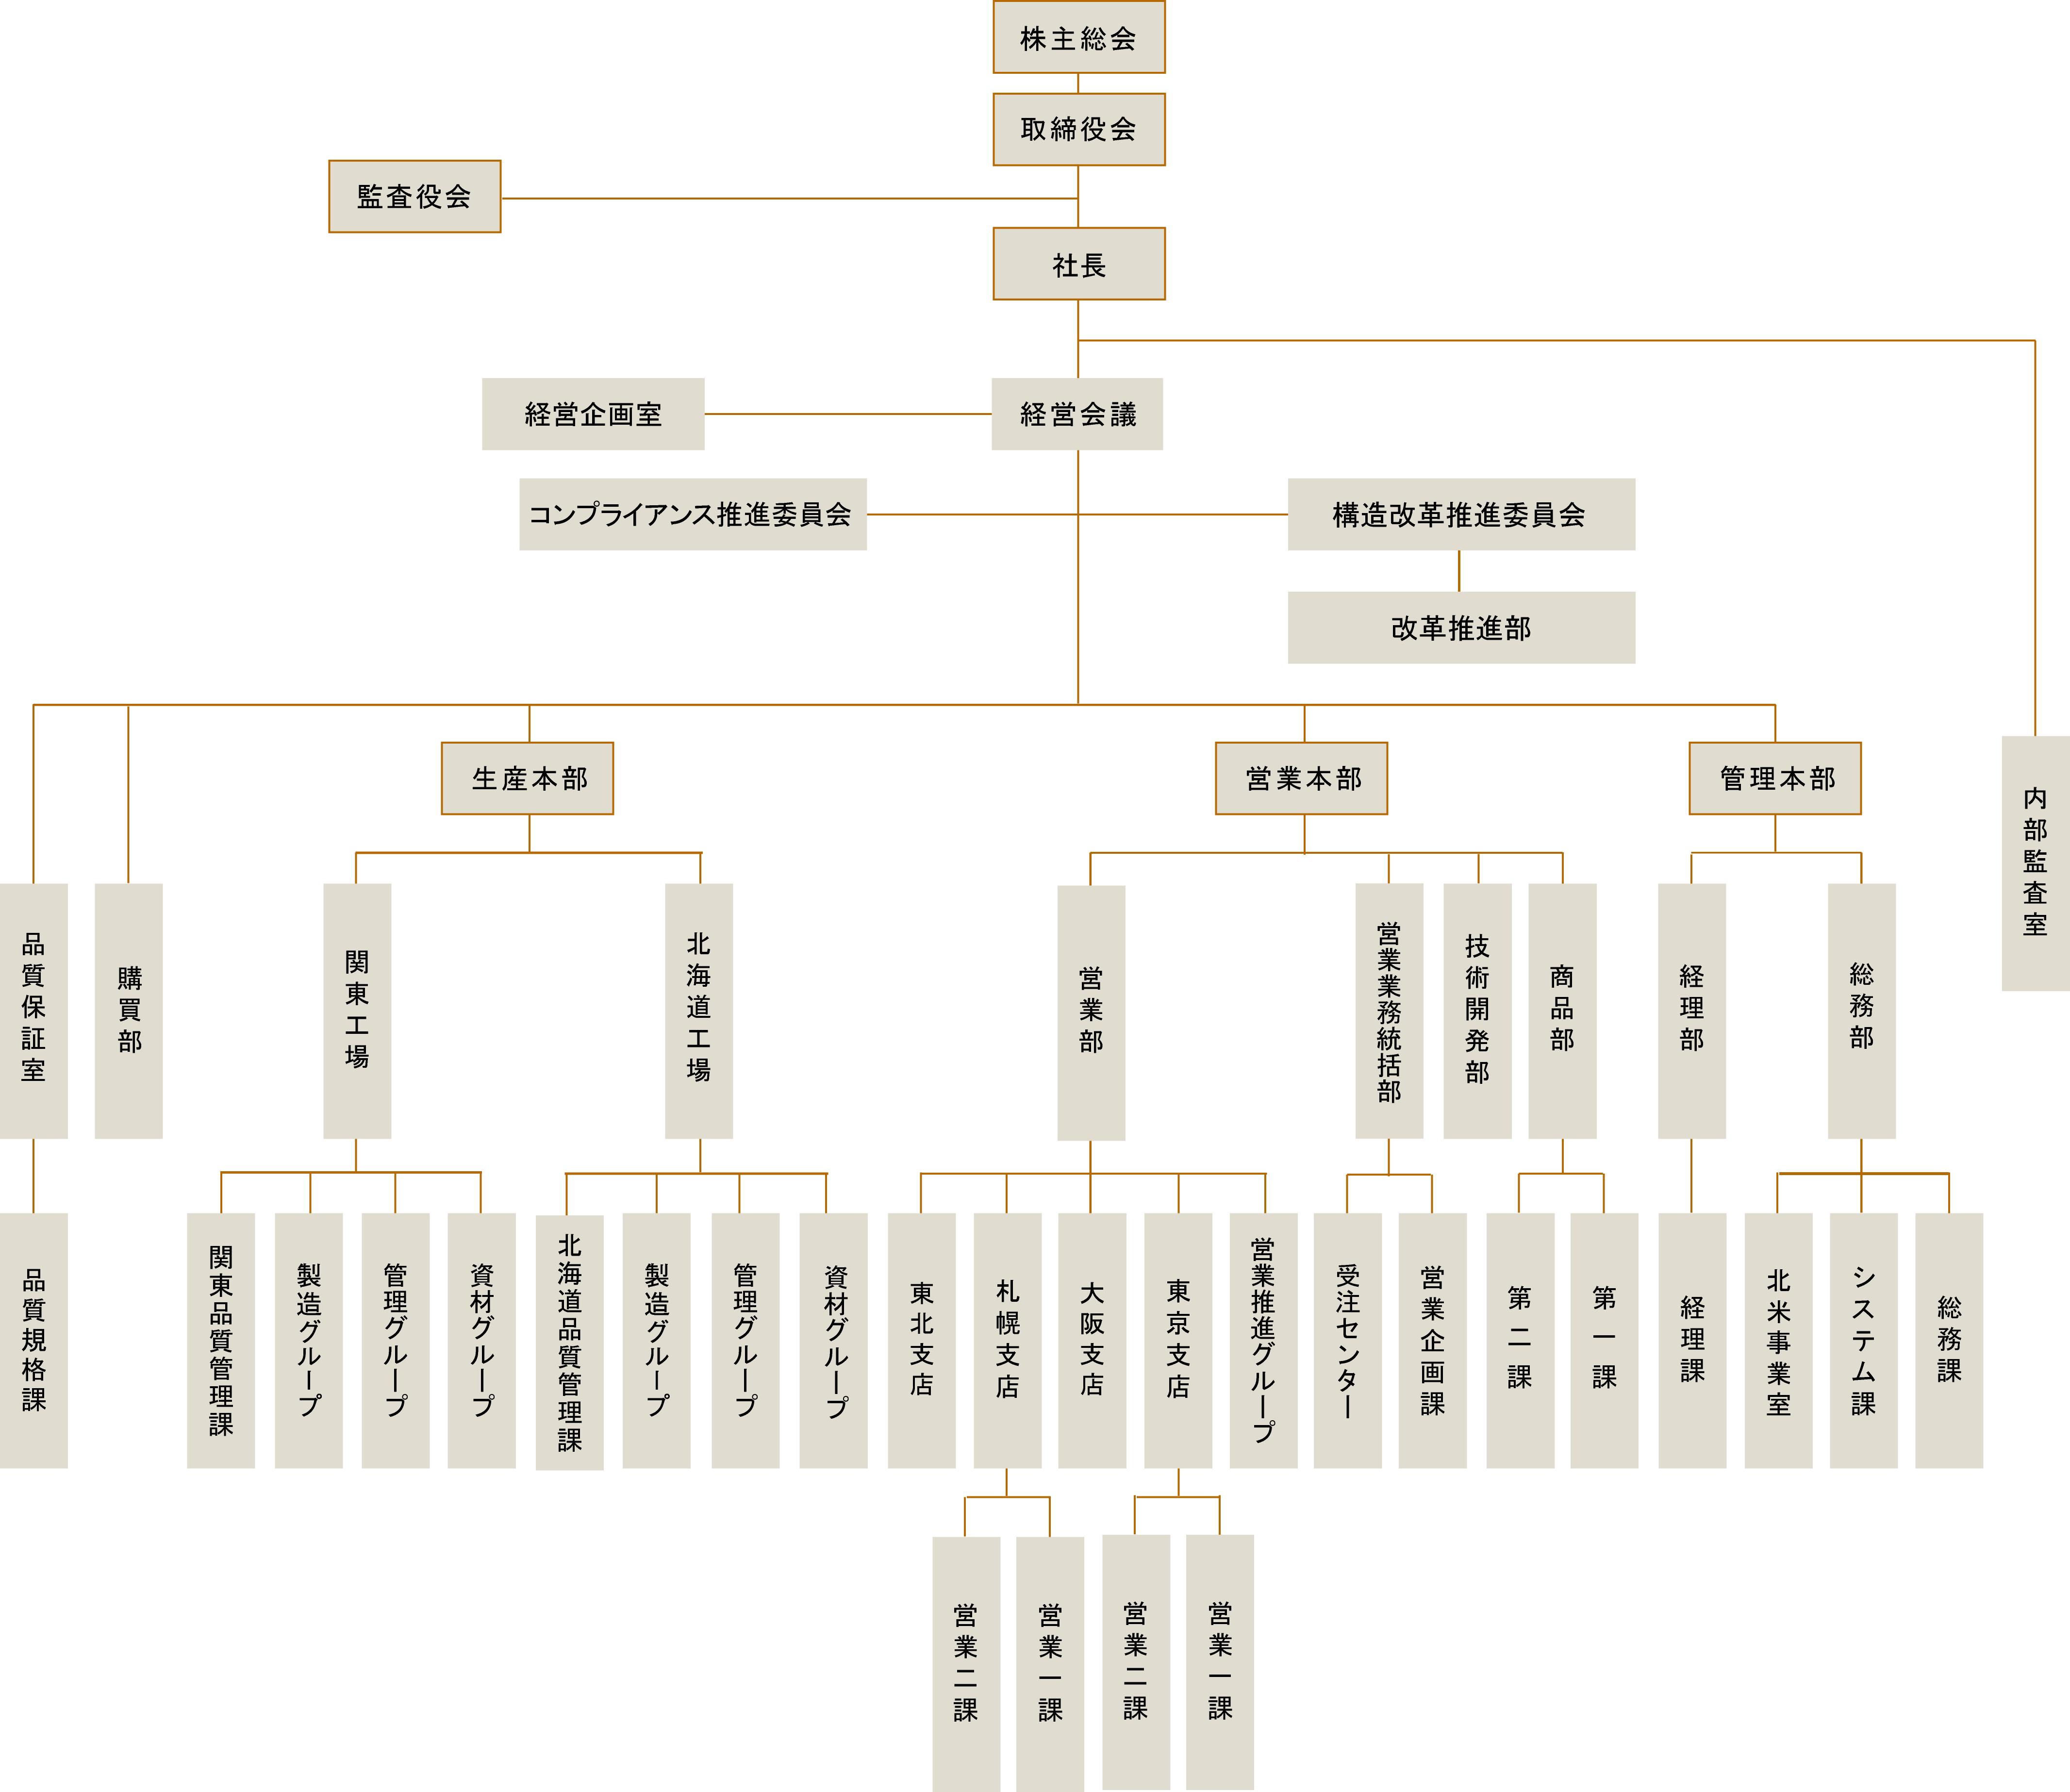 部署組織図